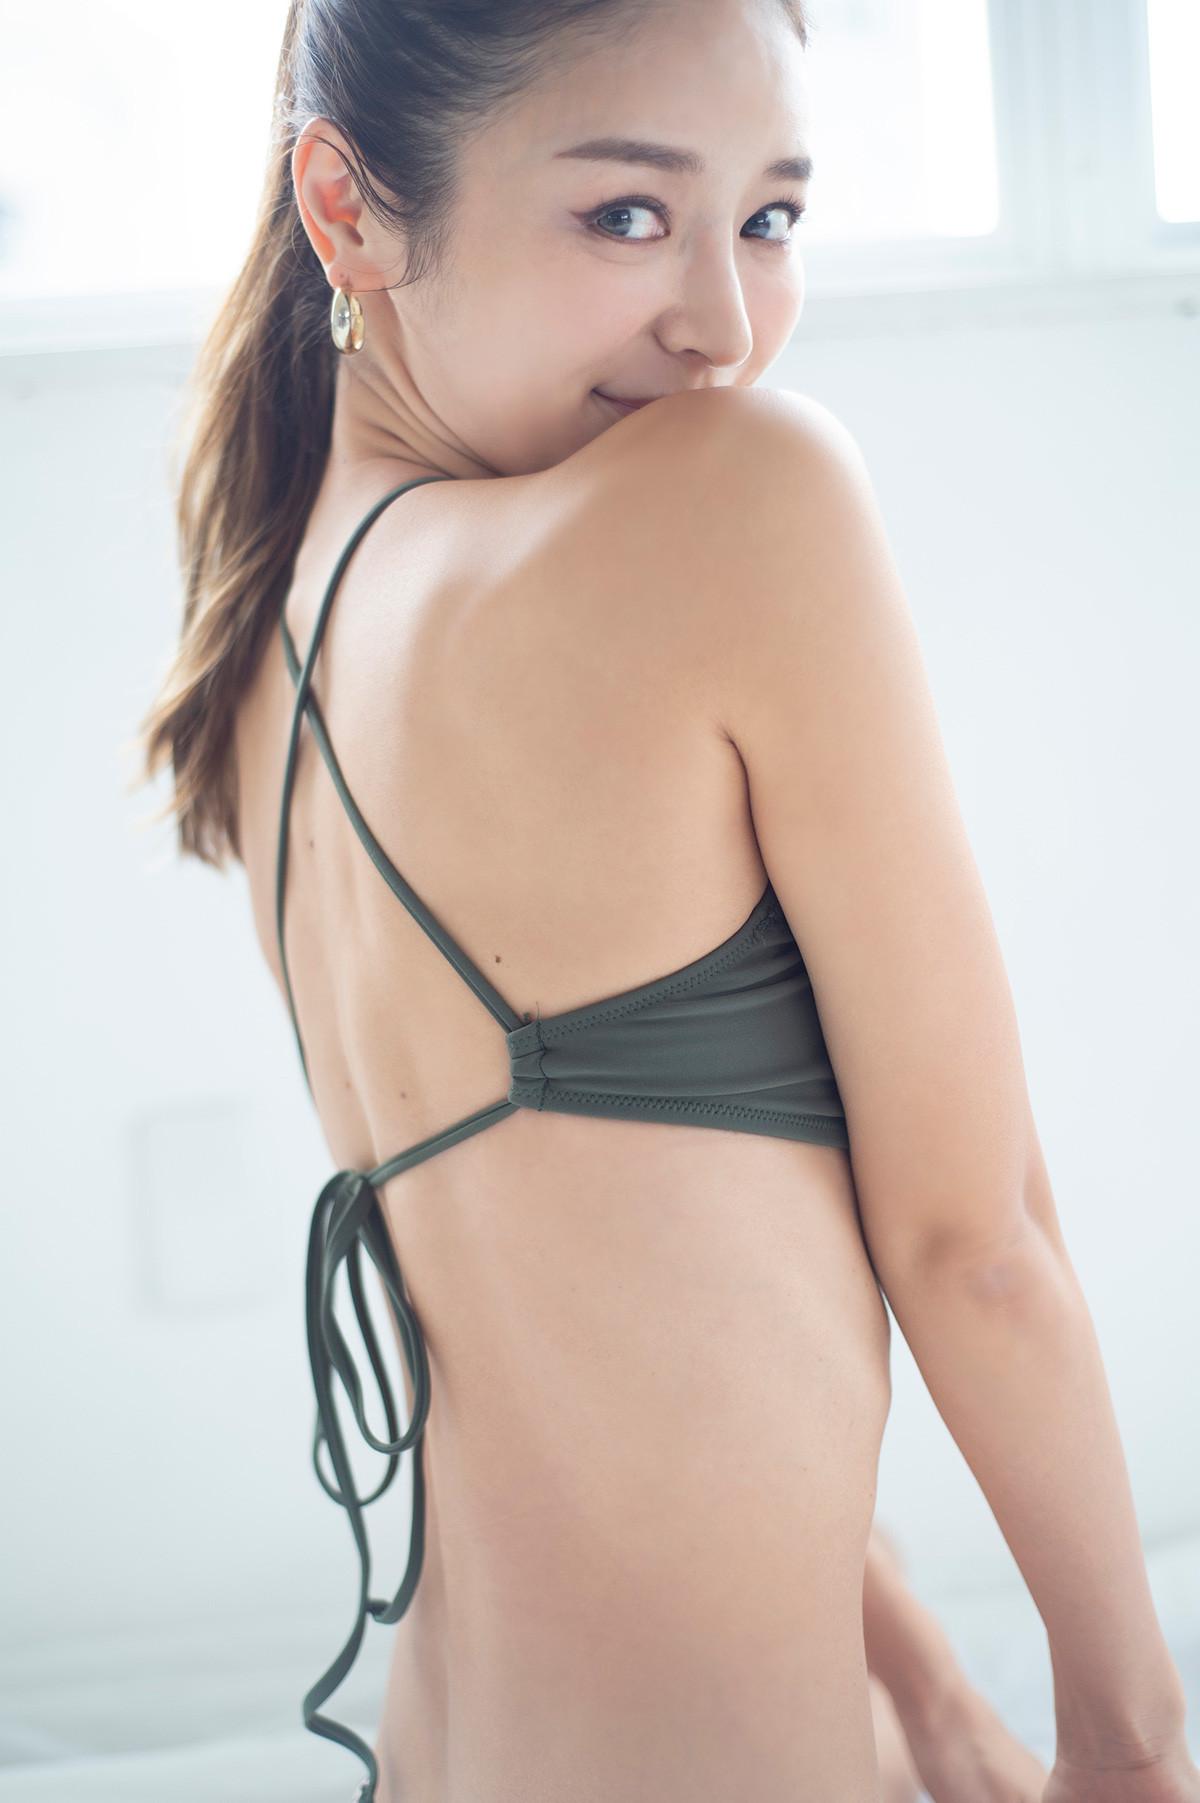 【女性向け・背中の筋肉をほぐす筋トレやストレッチ】加治ひとみ流、背中のスタイルアップ方法_1